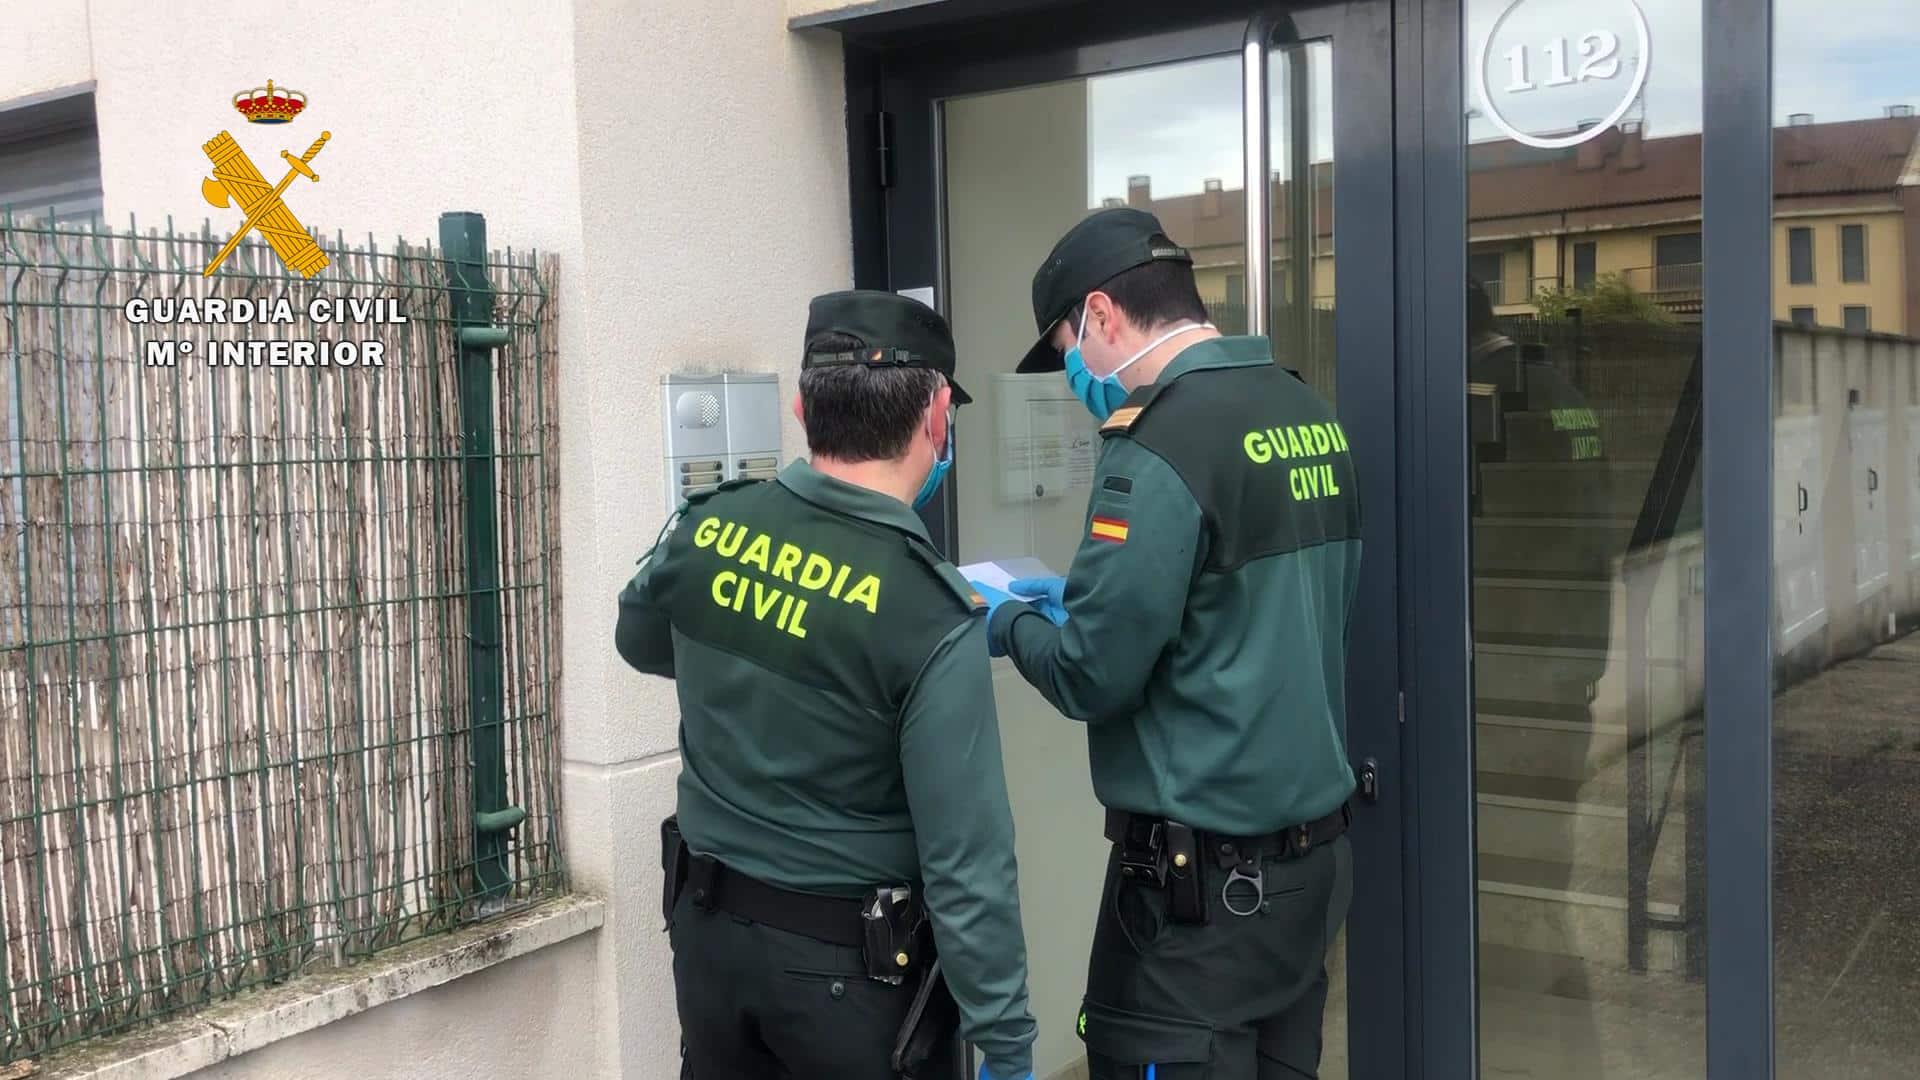 La Guardia Civil colabora en la entrega de deberes y tablets a los niños de Santo Domingo de la Calzada 2